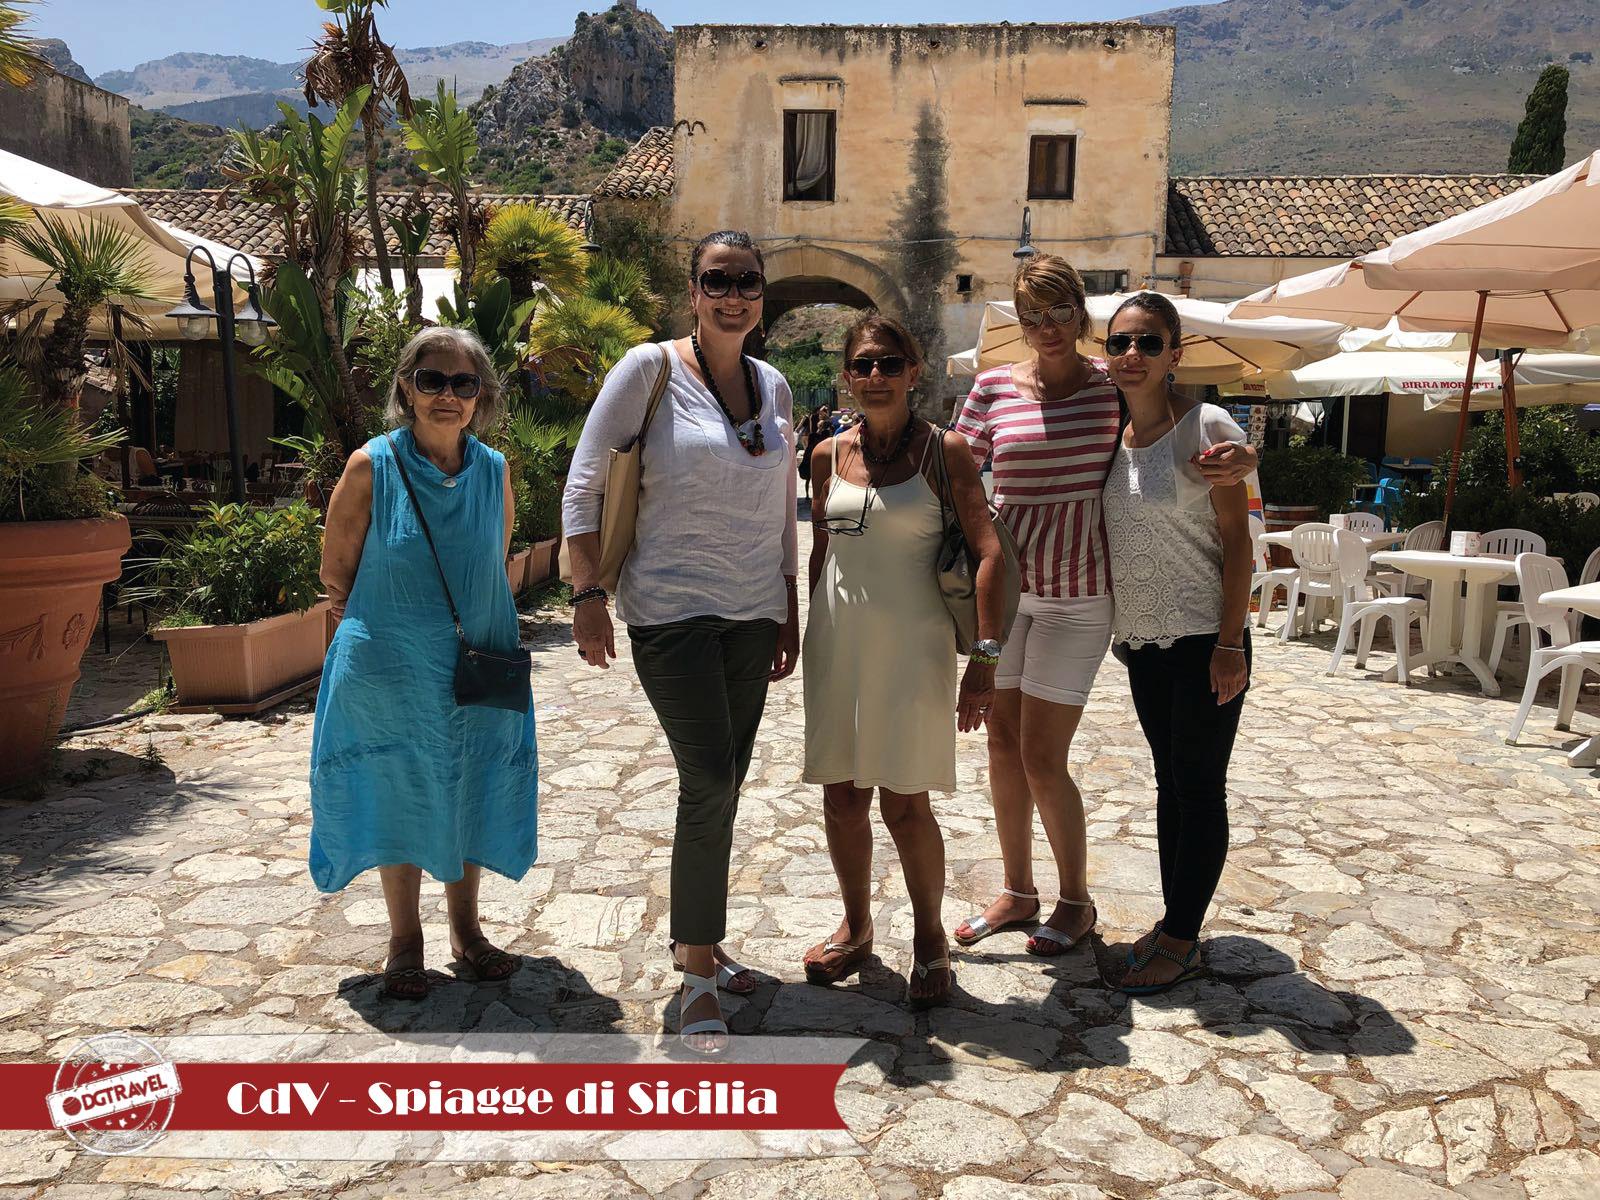 spiagge di sicilia gruppo tour